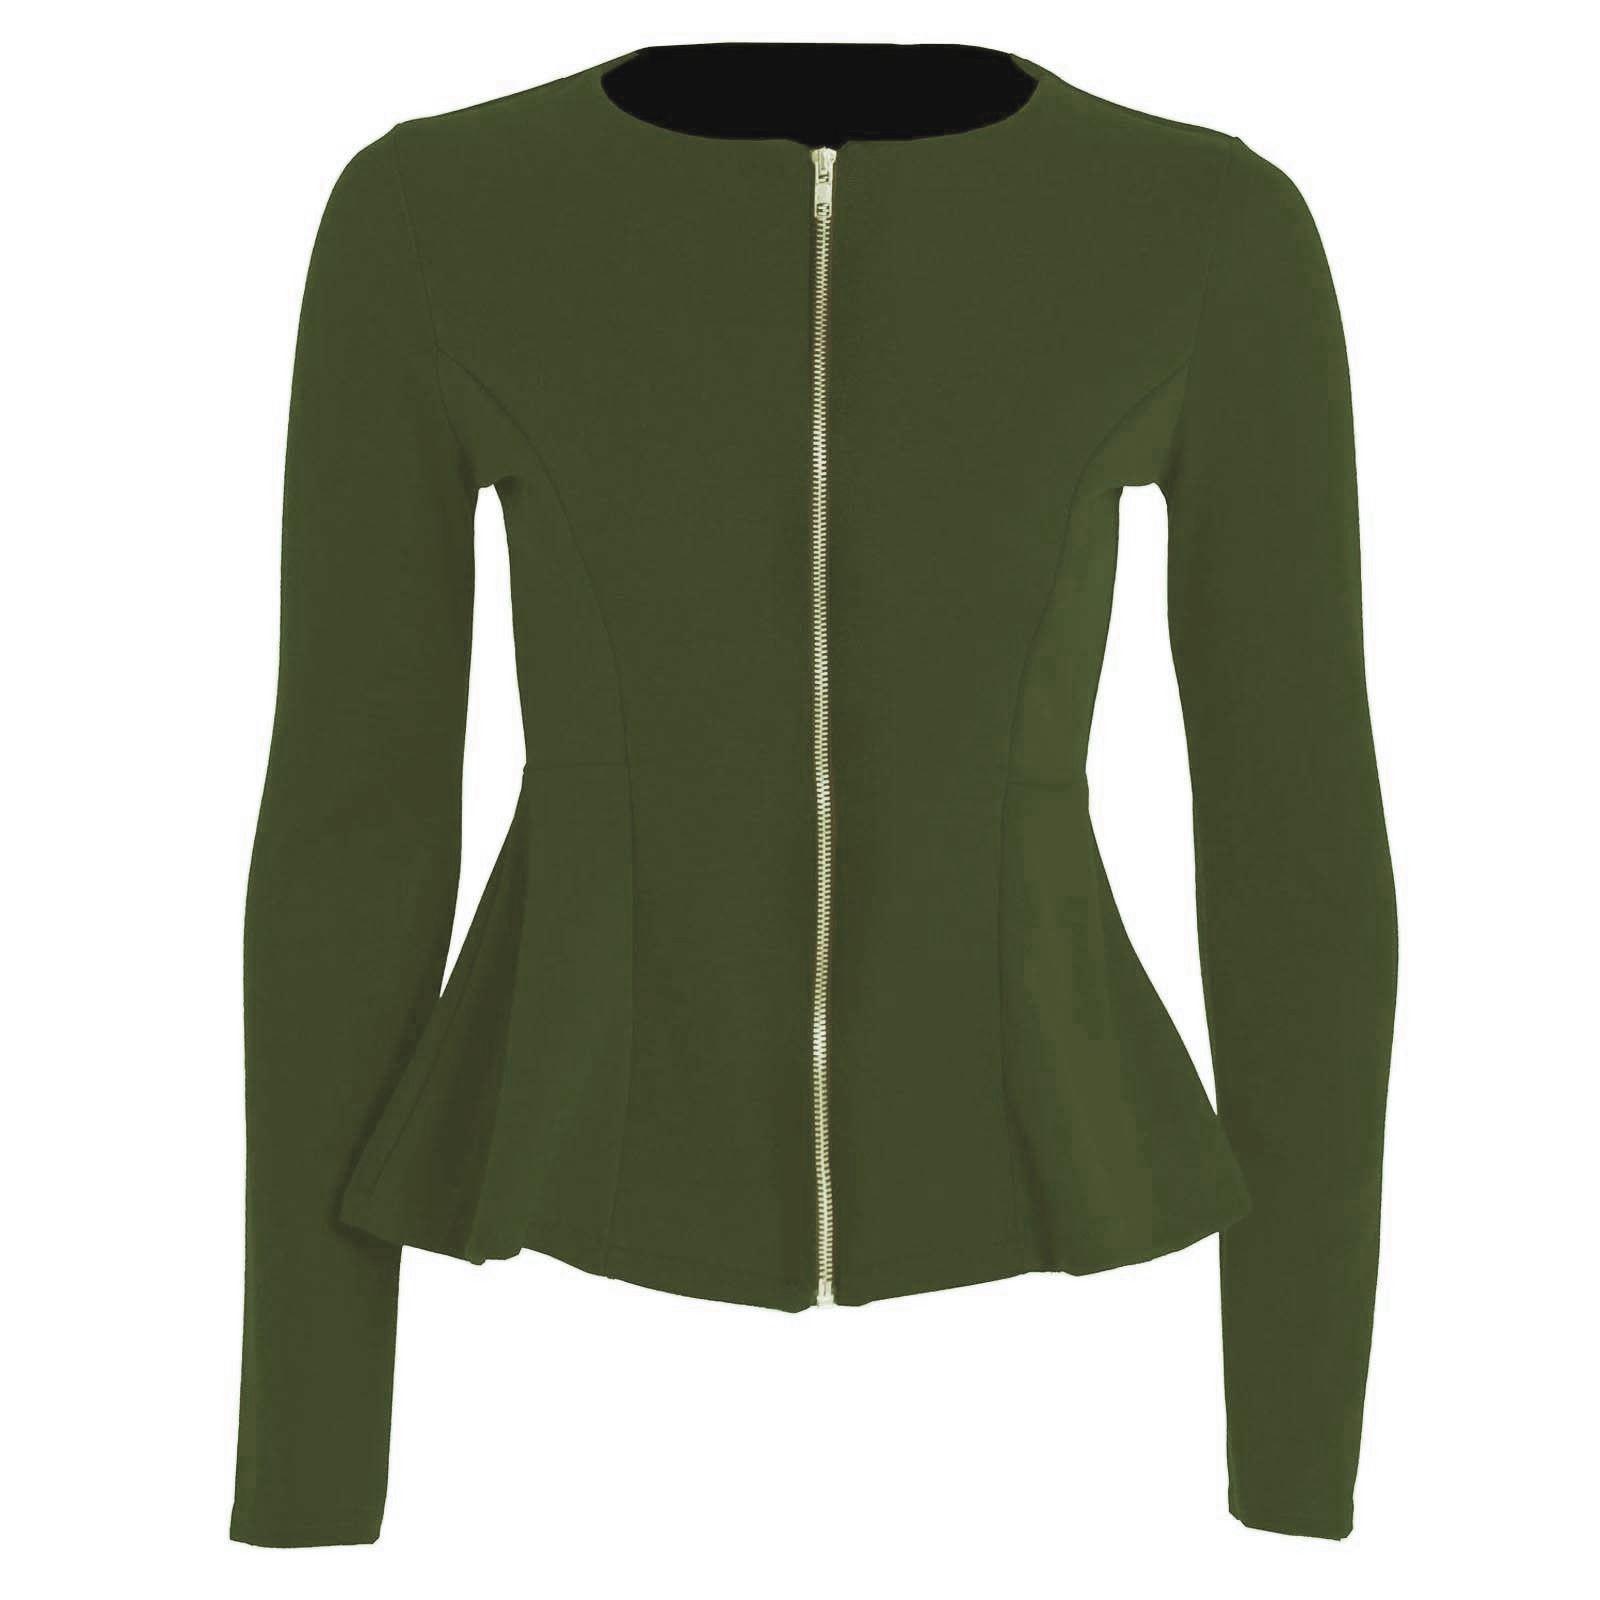 Best jackets for women